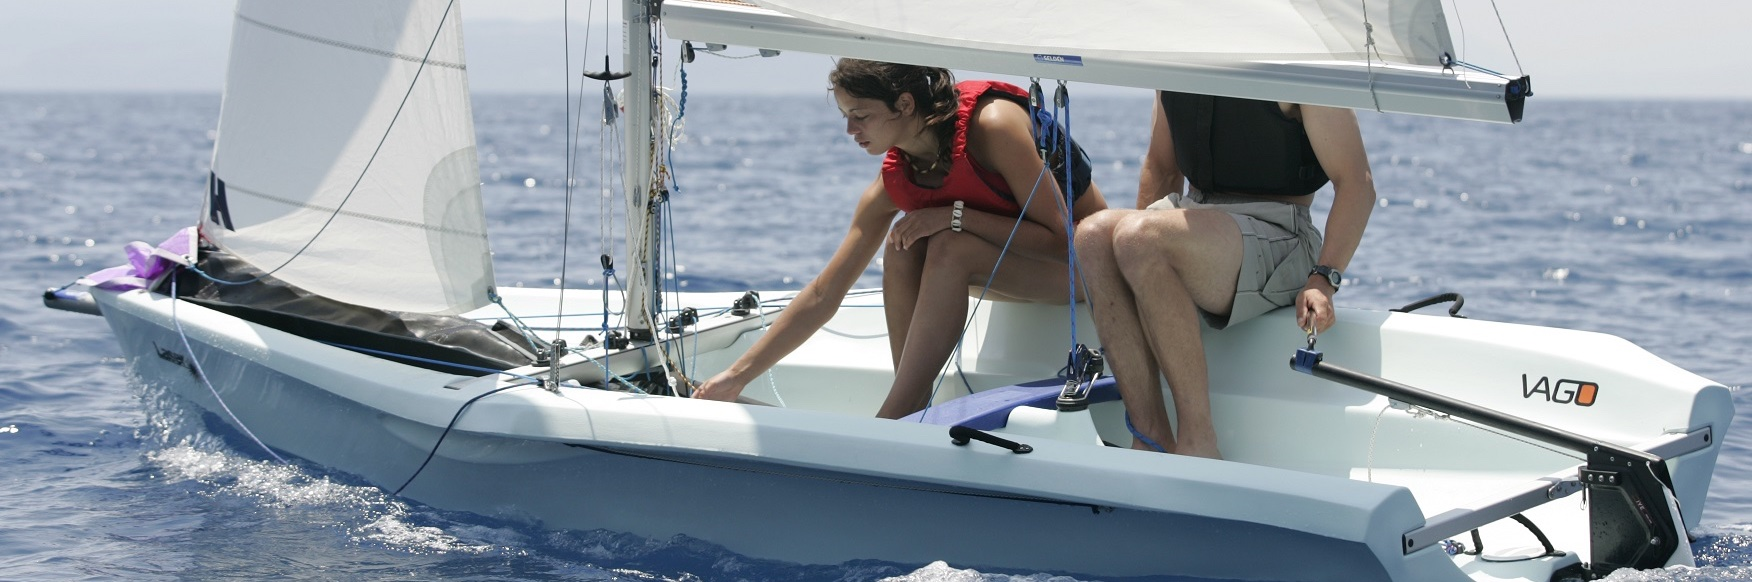 Pärchen beim Laser VAGO segeln bei leichter Brise